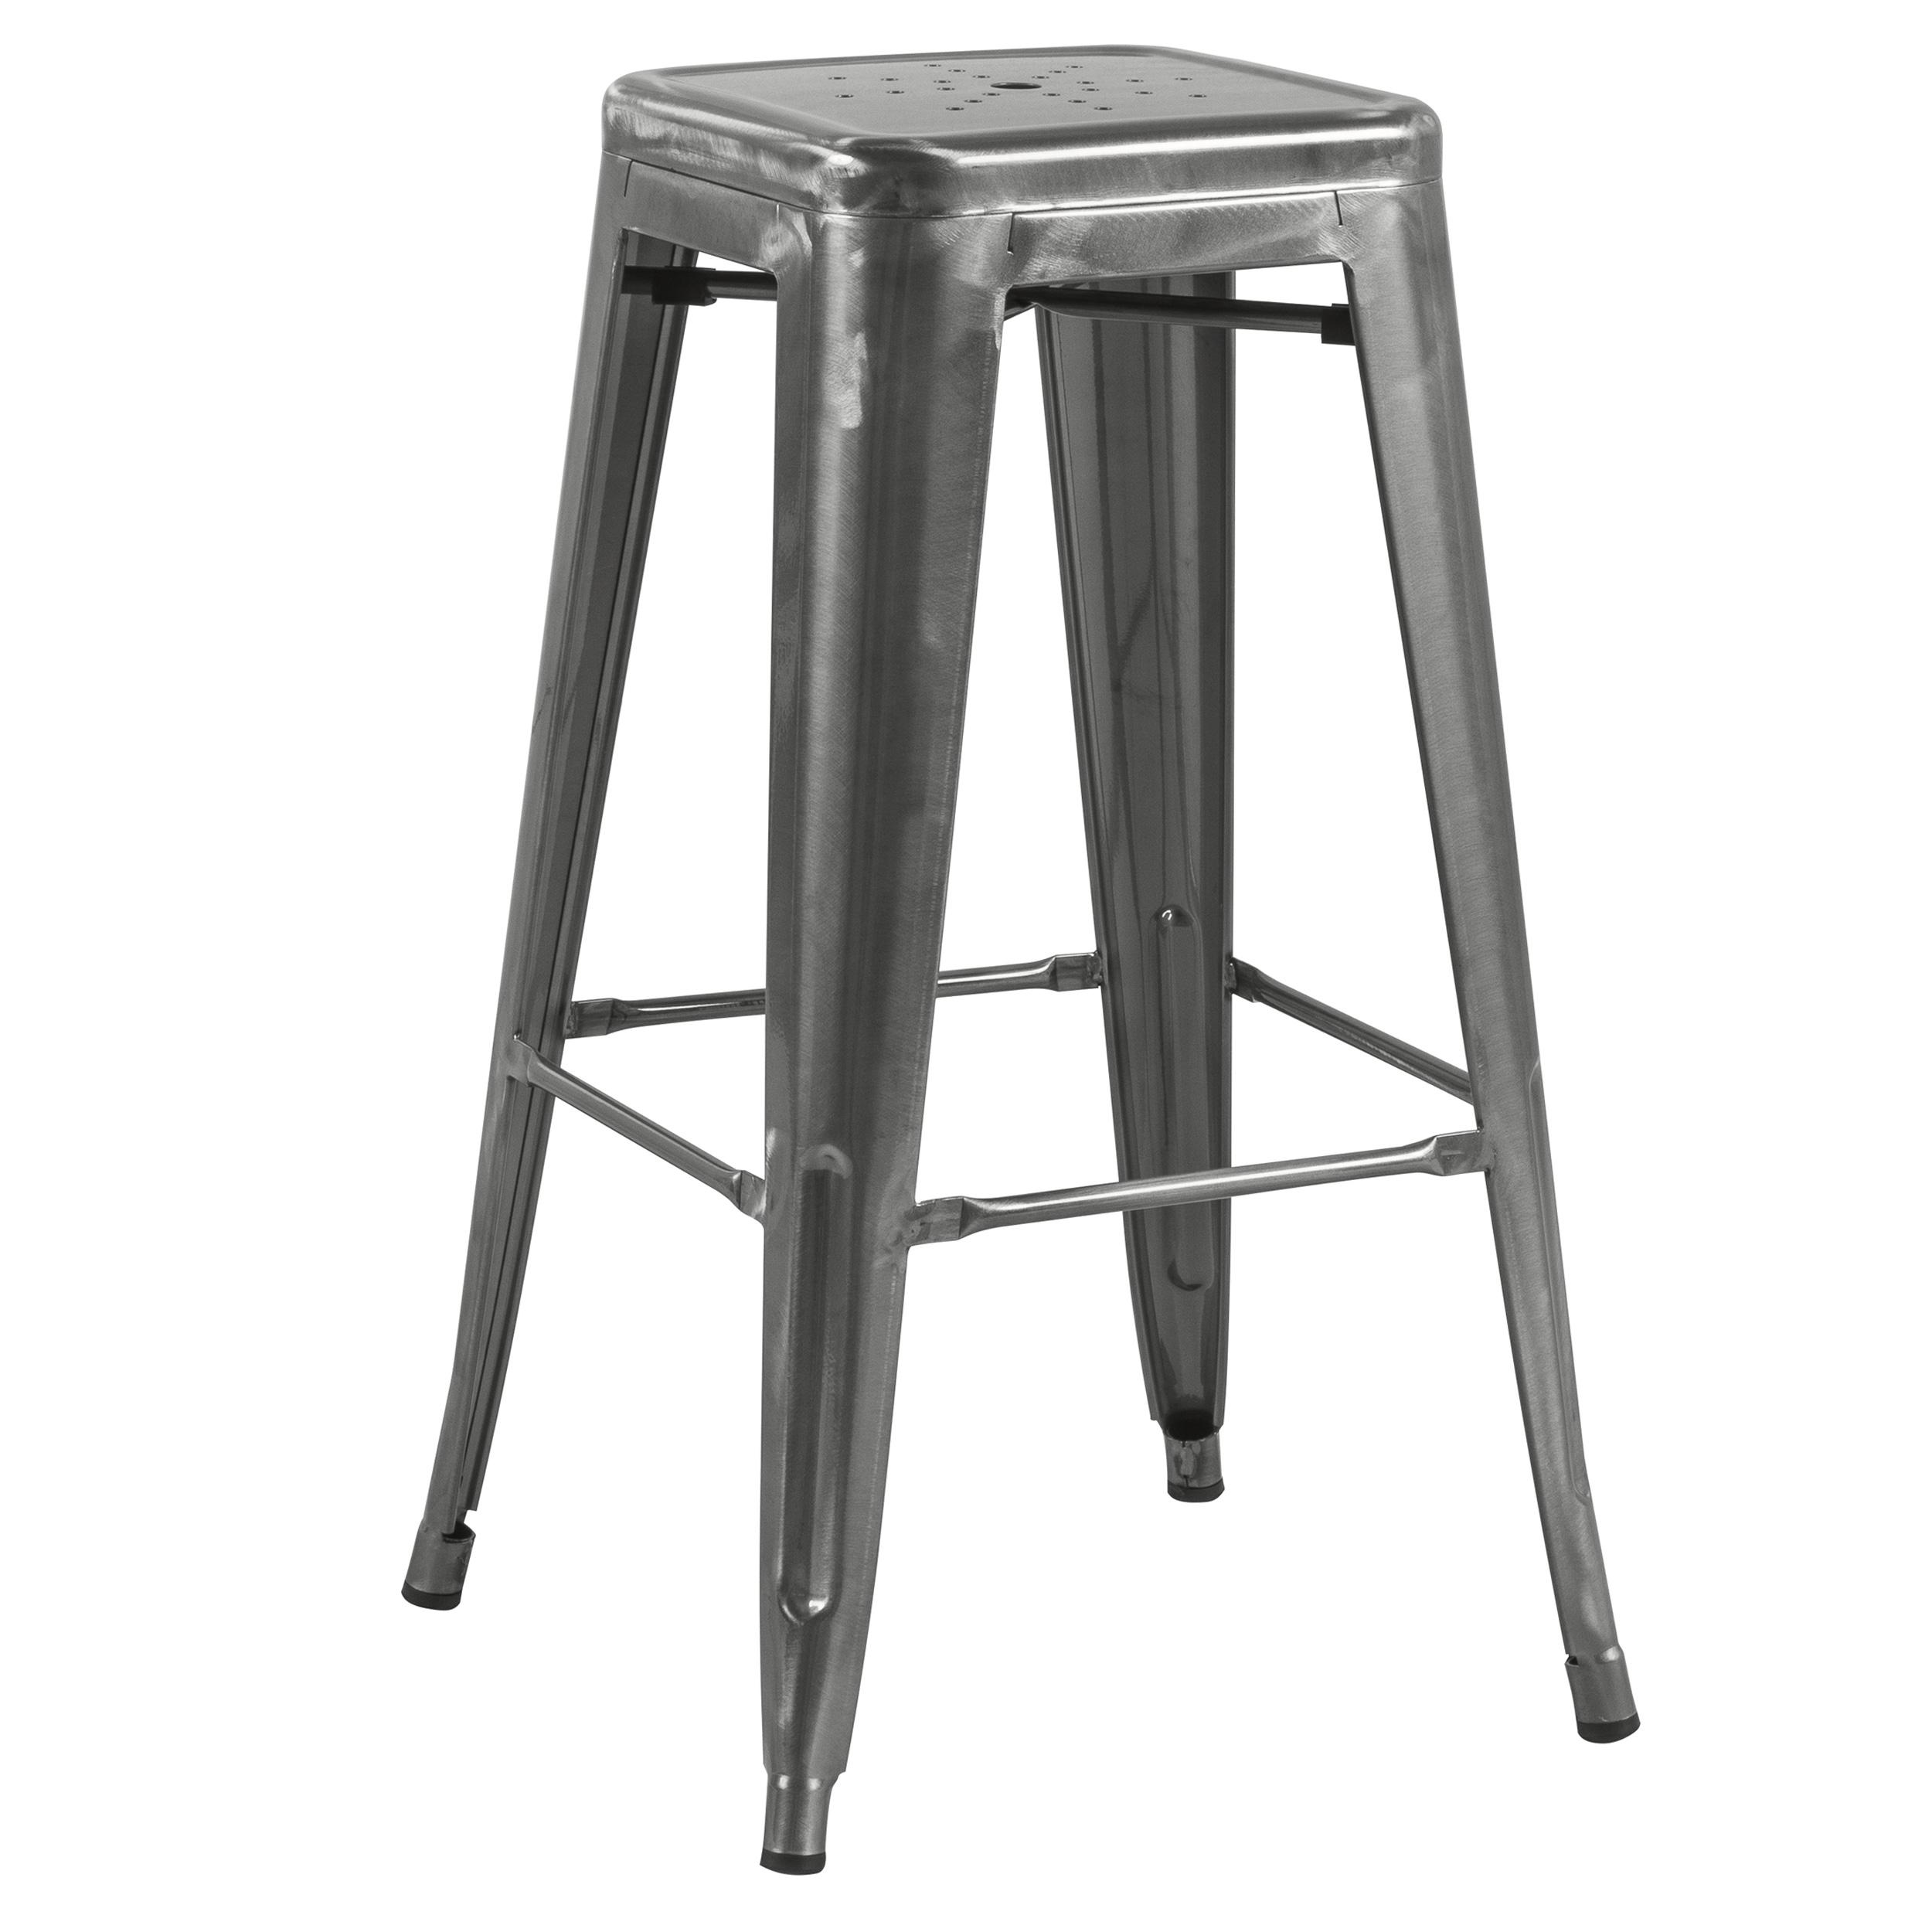 Tabouret de bar 74 cm en métal gris chrome (lot de 2)